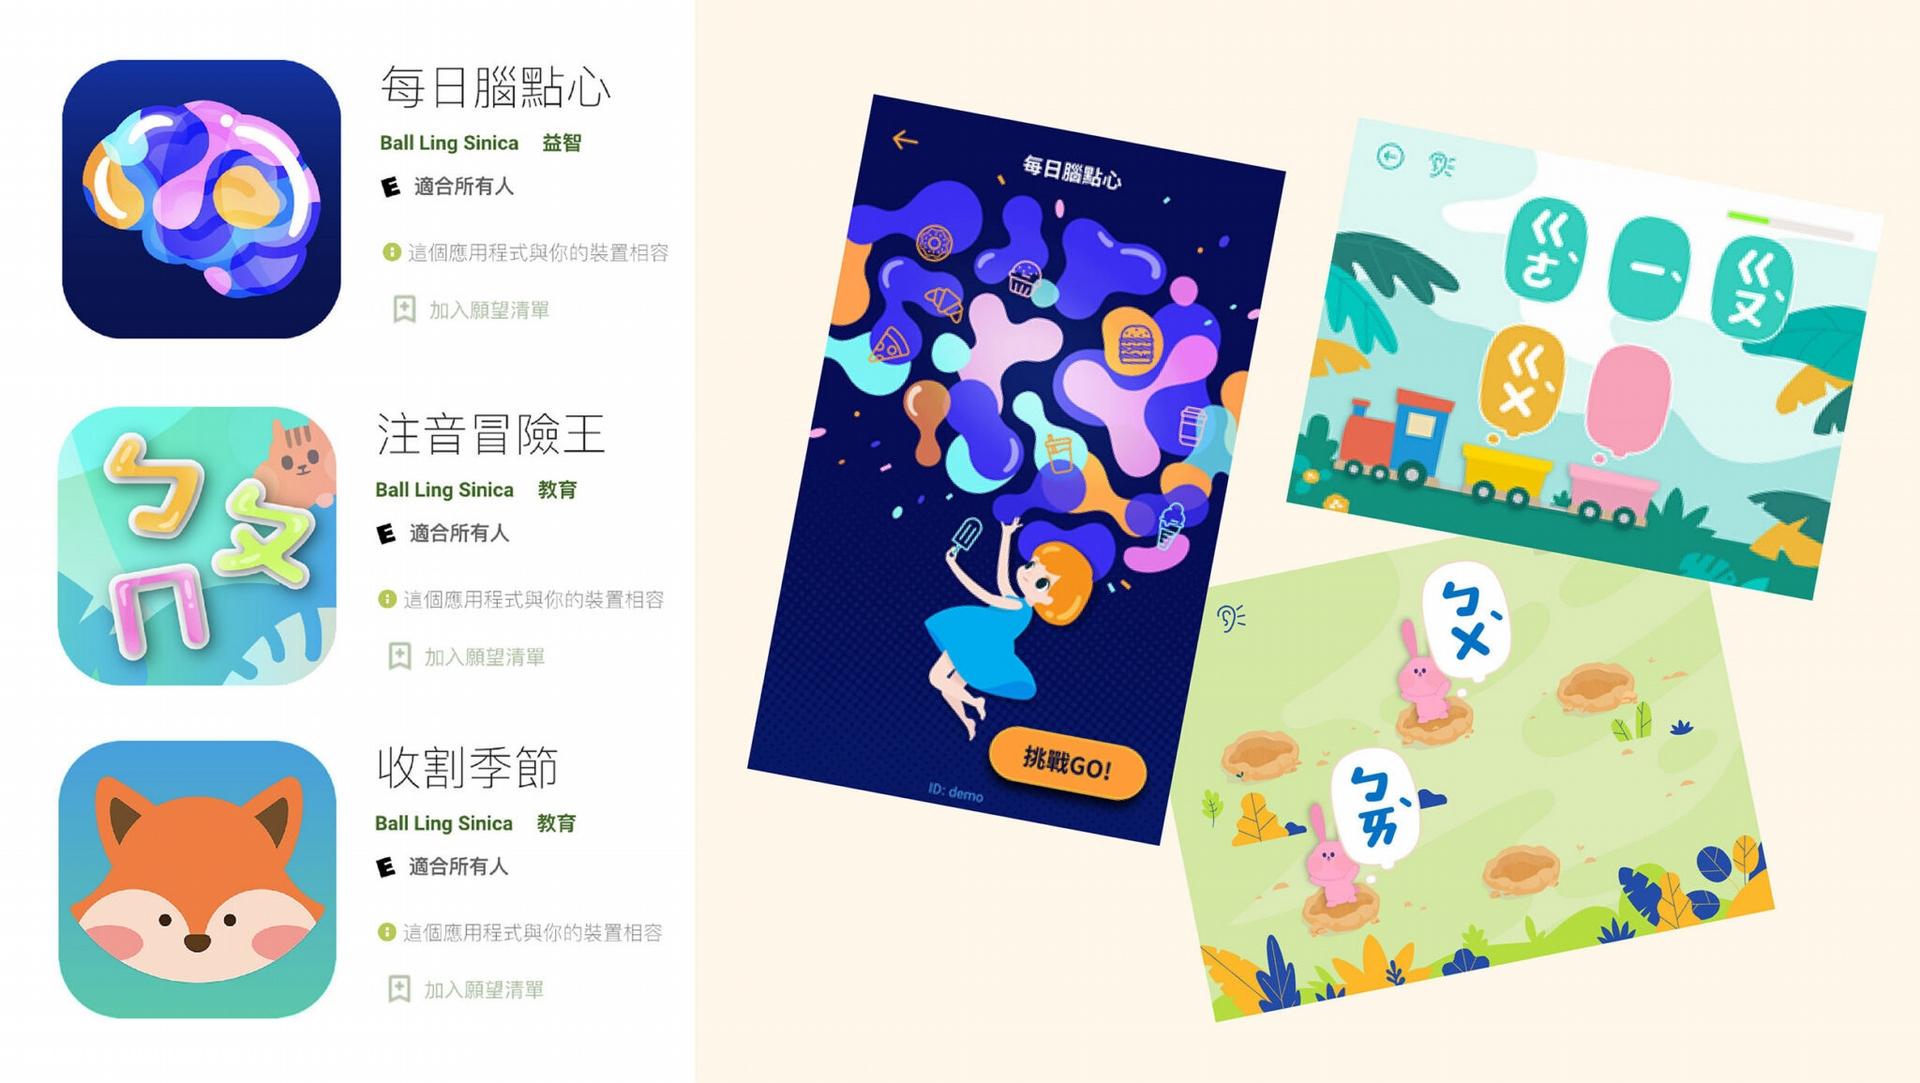 李佳穎團隊結合神經語言學,為台灣學童開發多款識字教學遊戲。目前的三款 APP(每日腦點心、注音冒險王、收割季節),都可免費下載,在疫情期間也提供雙北特教老師使用,作為學習障礙學童的線上課程,老師還可以從後台了解學習狀況。 圖│取自大腦與語言實驗室網頁